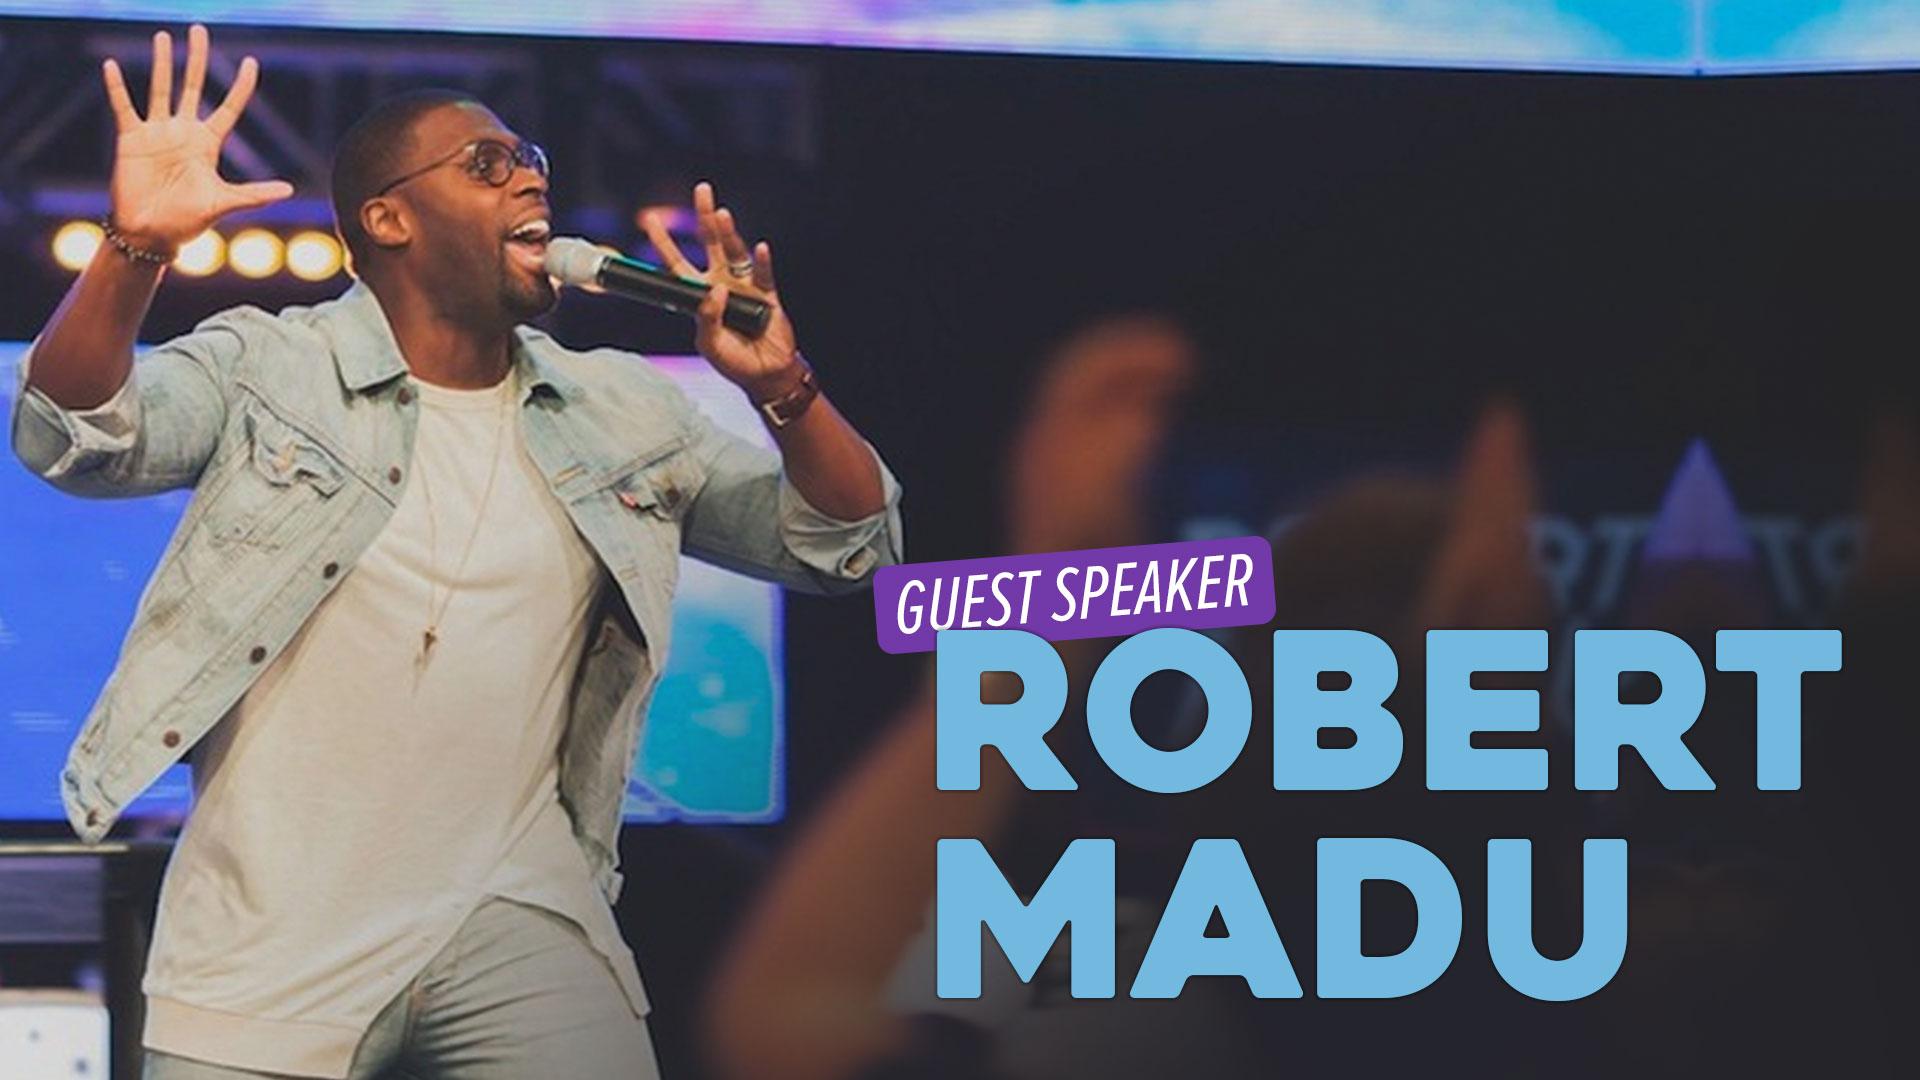 Guest Speaker Robert Madu